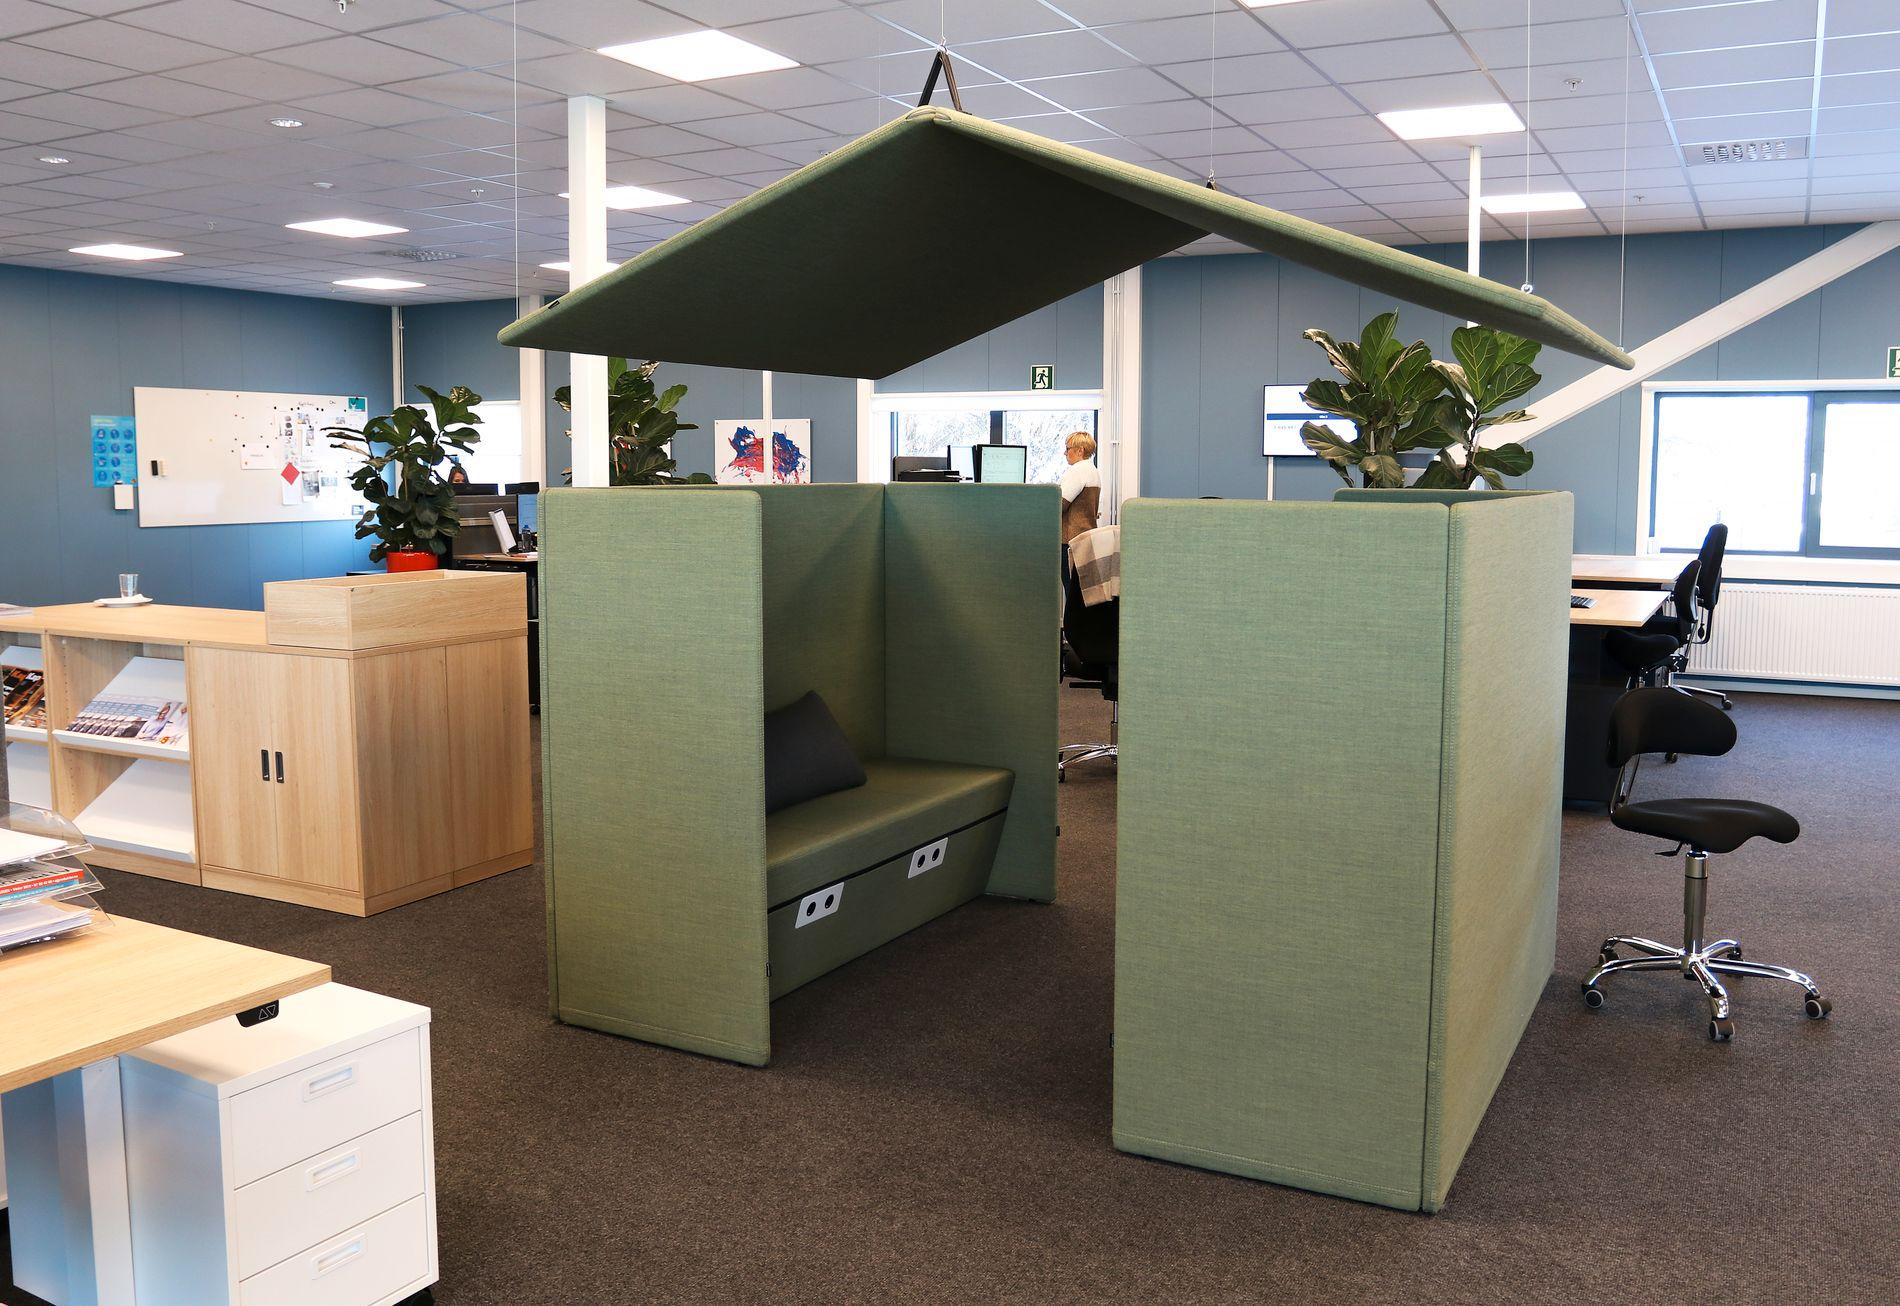 Bildet viser et eksempel på et møteområde eller lounge som er inkludert i fellesområdene, men fremdeles skjermet.